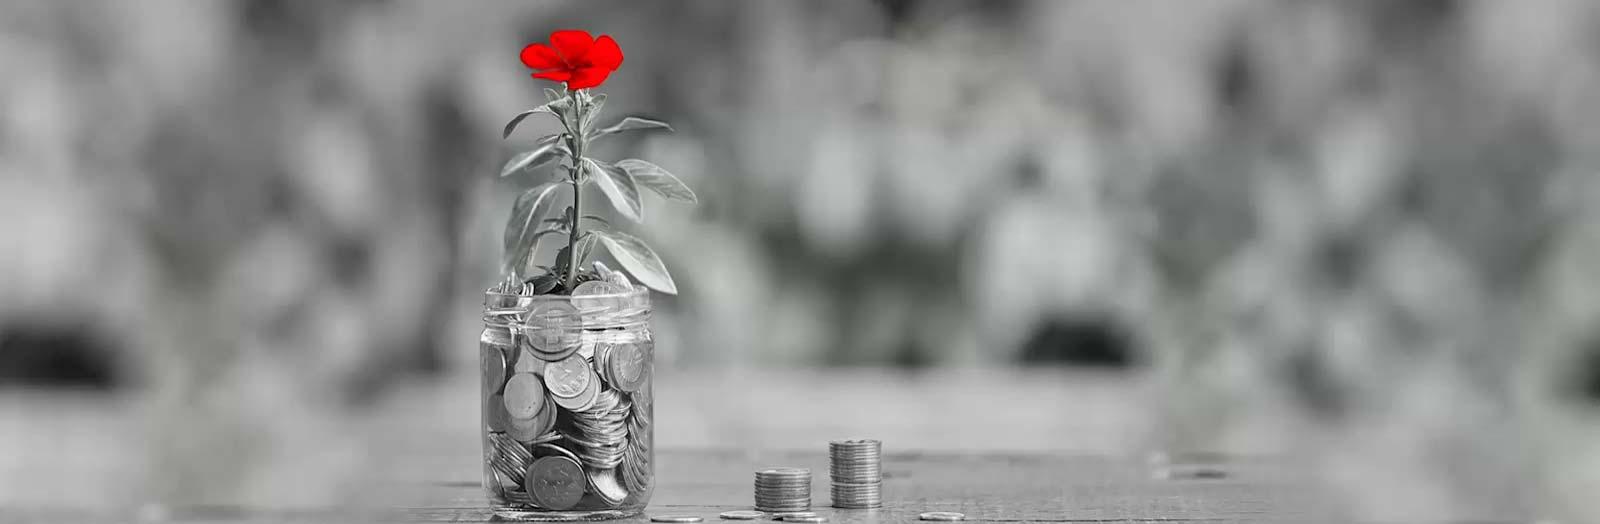 Online Savings Plan - Kotak Life